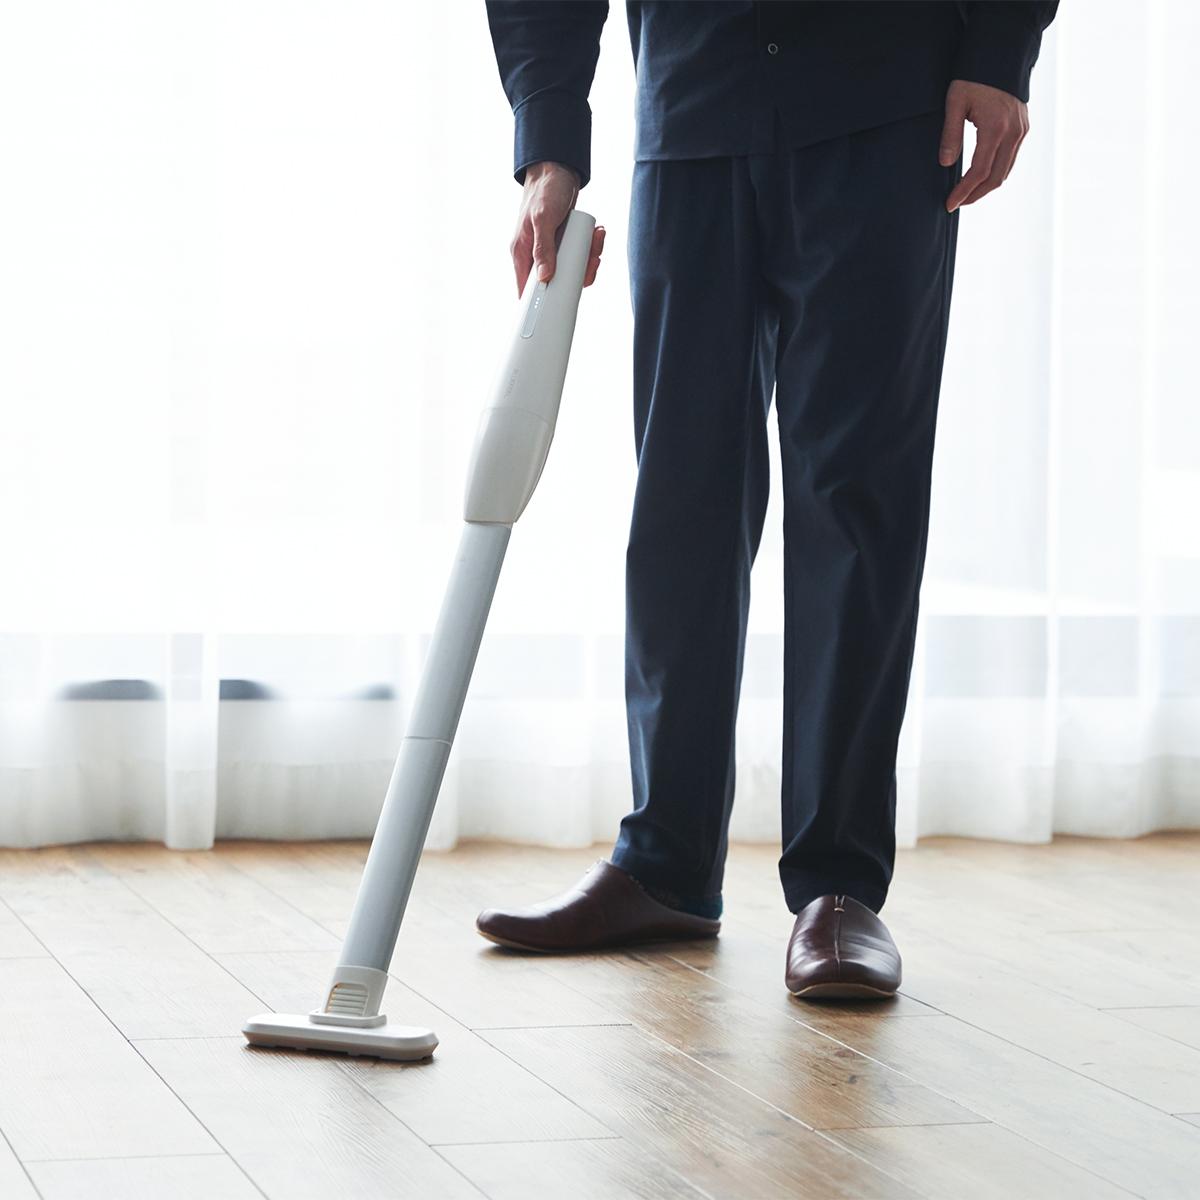 掃除道具らしさを削ぎ落としたお洒落な見た目。リビングに馴染むデザイン、ゴミに気づいたら即ハイパワーで吸引できる「ハンディクリーナー」|MONTANC(モンタン)